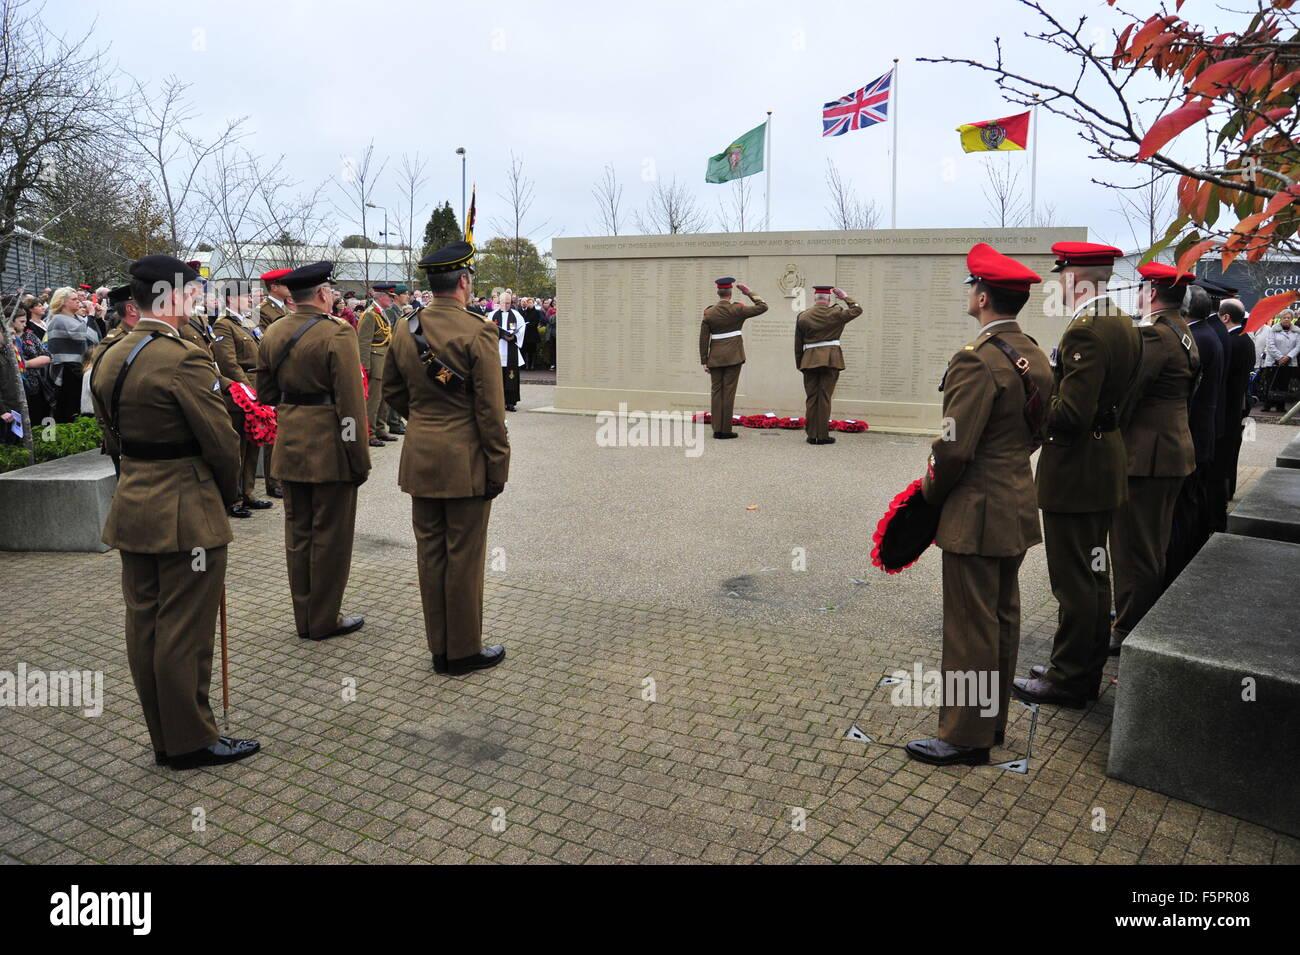 Bovington, Dorset, UK. Nov 8, 2015. Les membres du public et les forces armées de Bovington Tank Museum dans Photo Stock